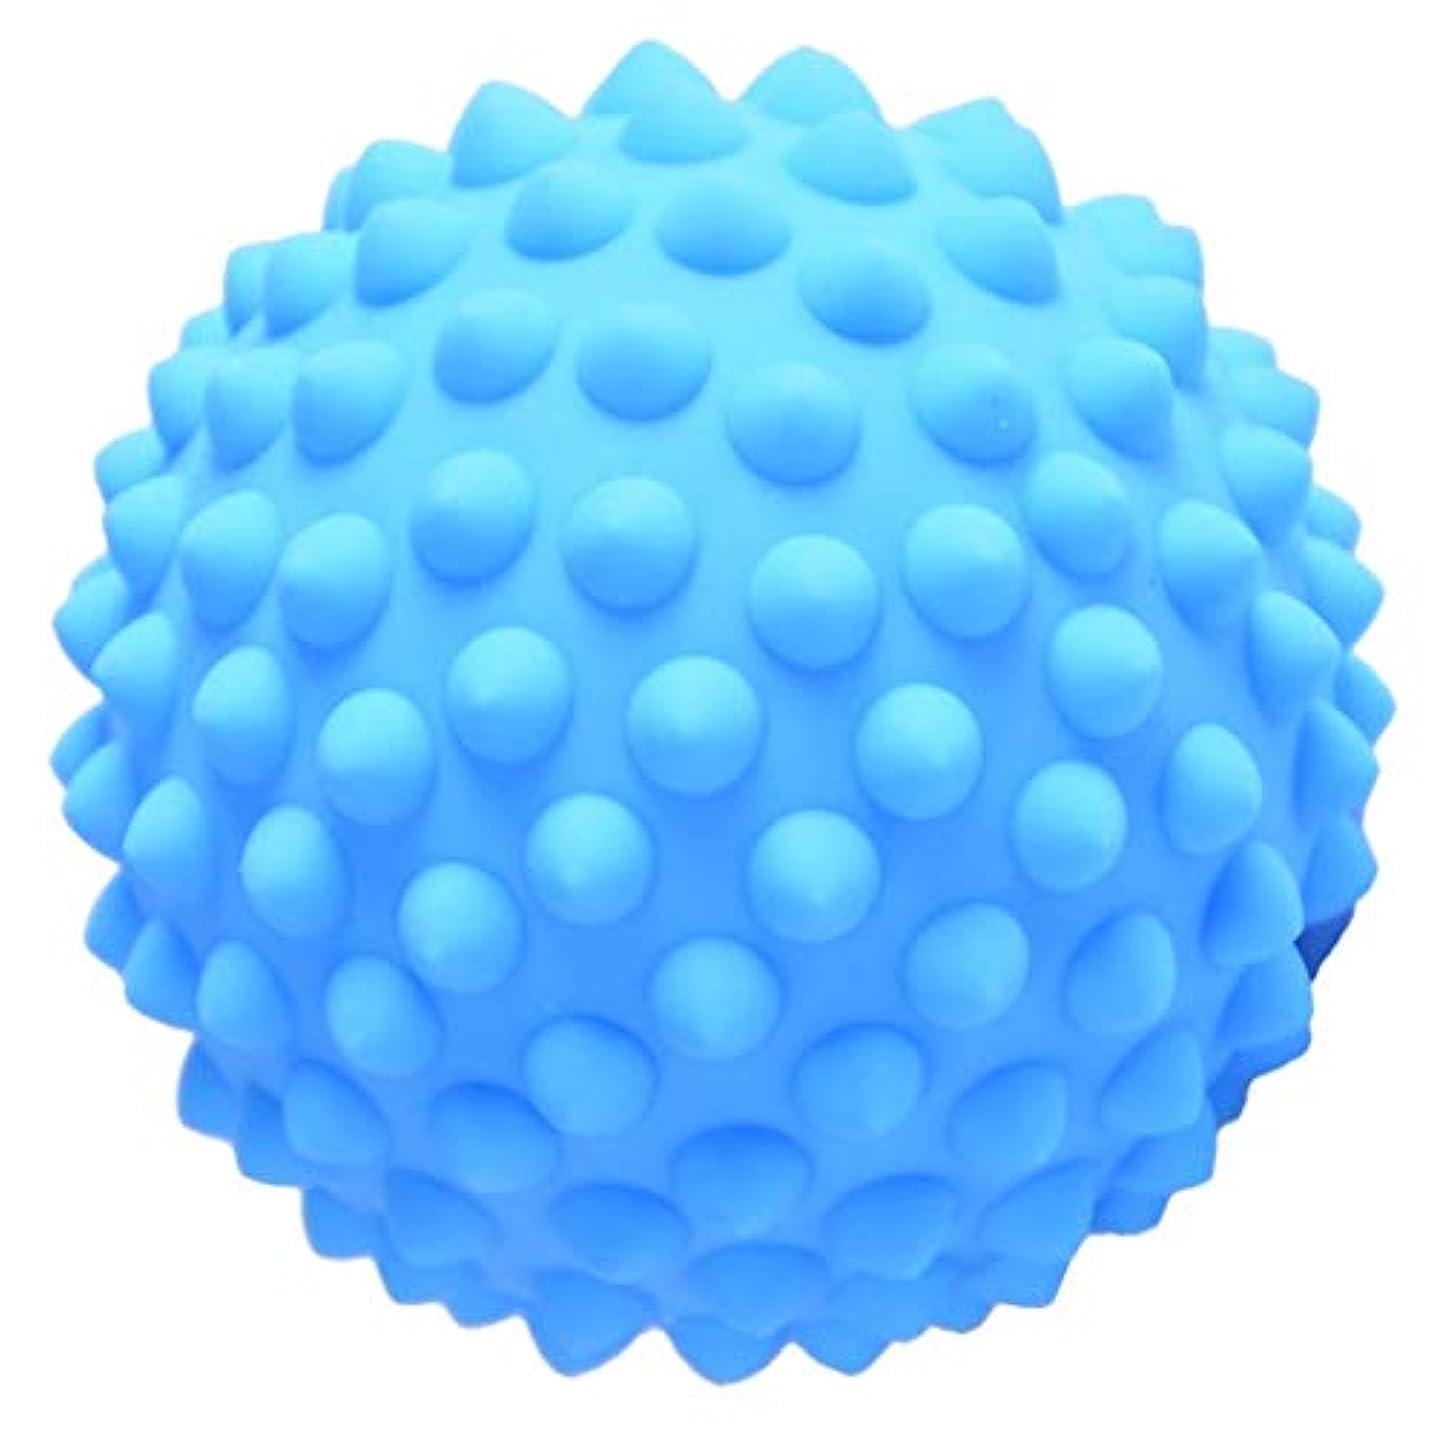 キャップ避難する鎮静剤ハードPVC 9センチのとがったマッサージローラーボール指圧ボディリラクゼーションマッサージ - 青, 説明のとおり